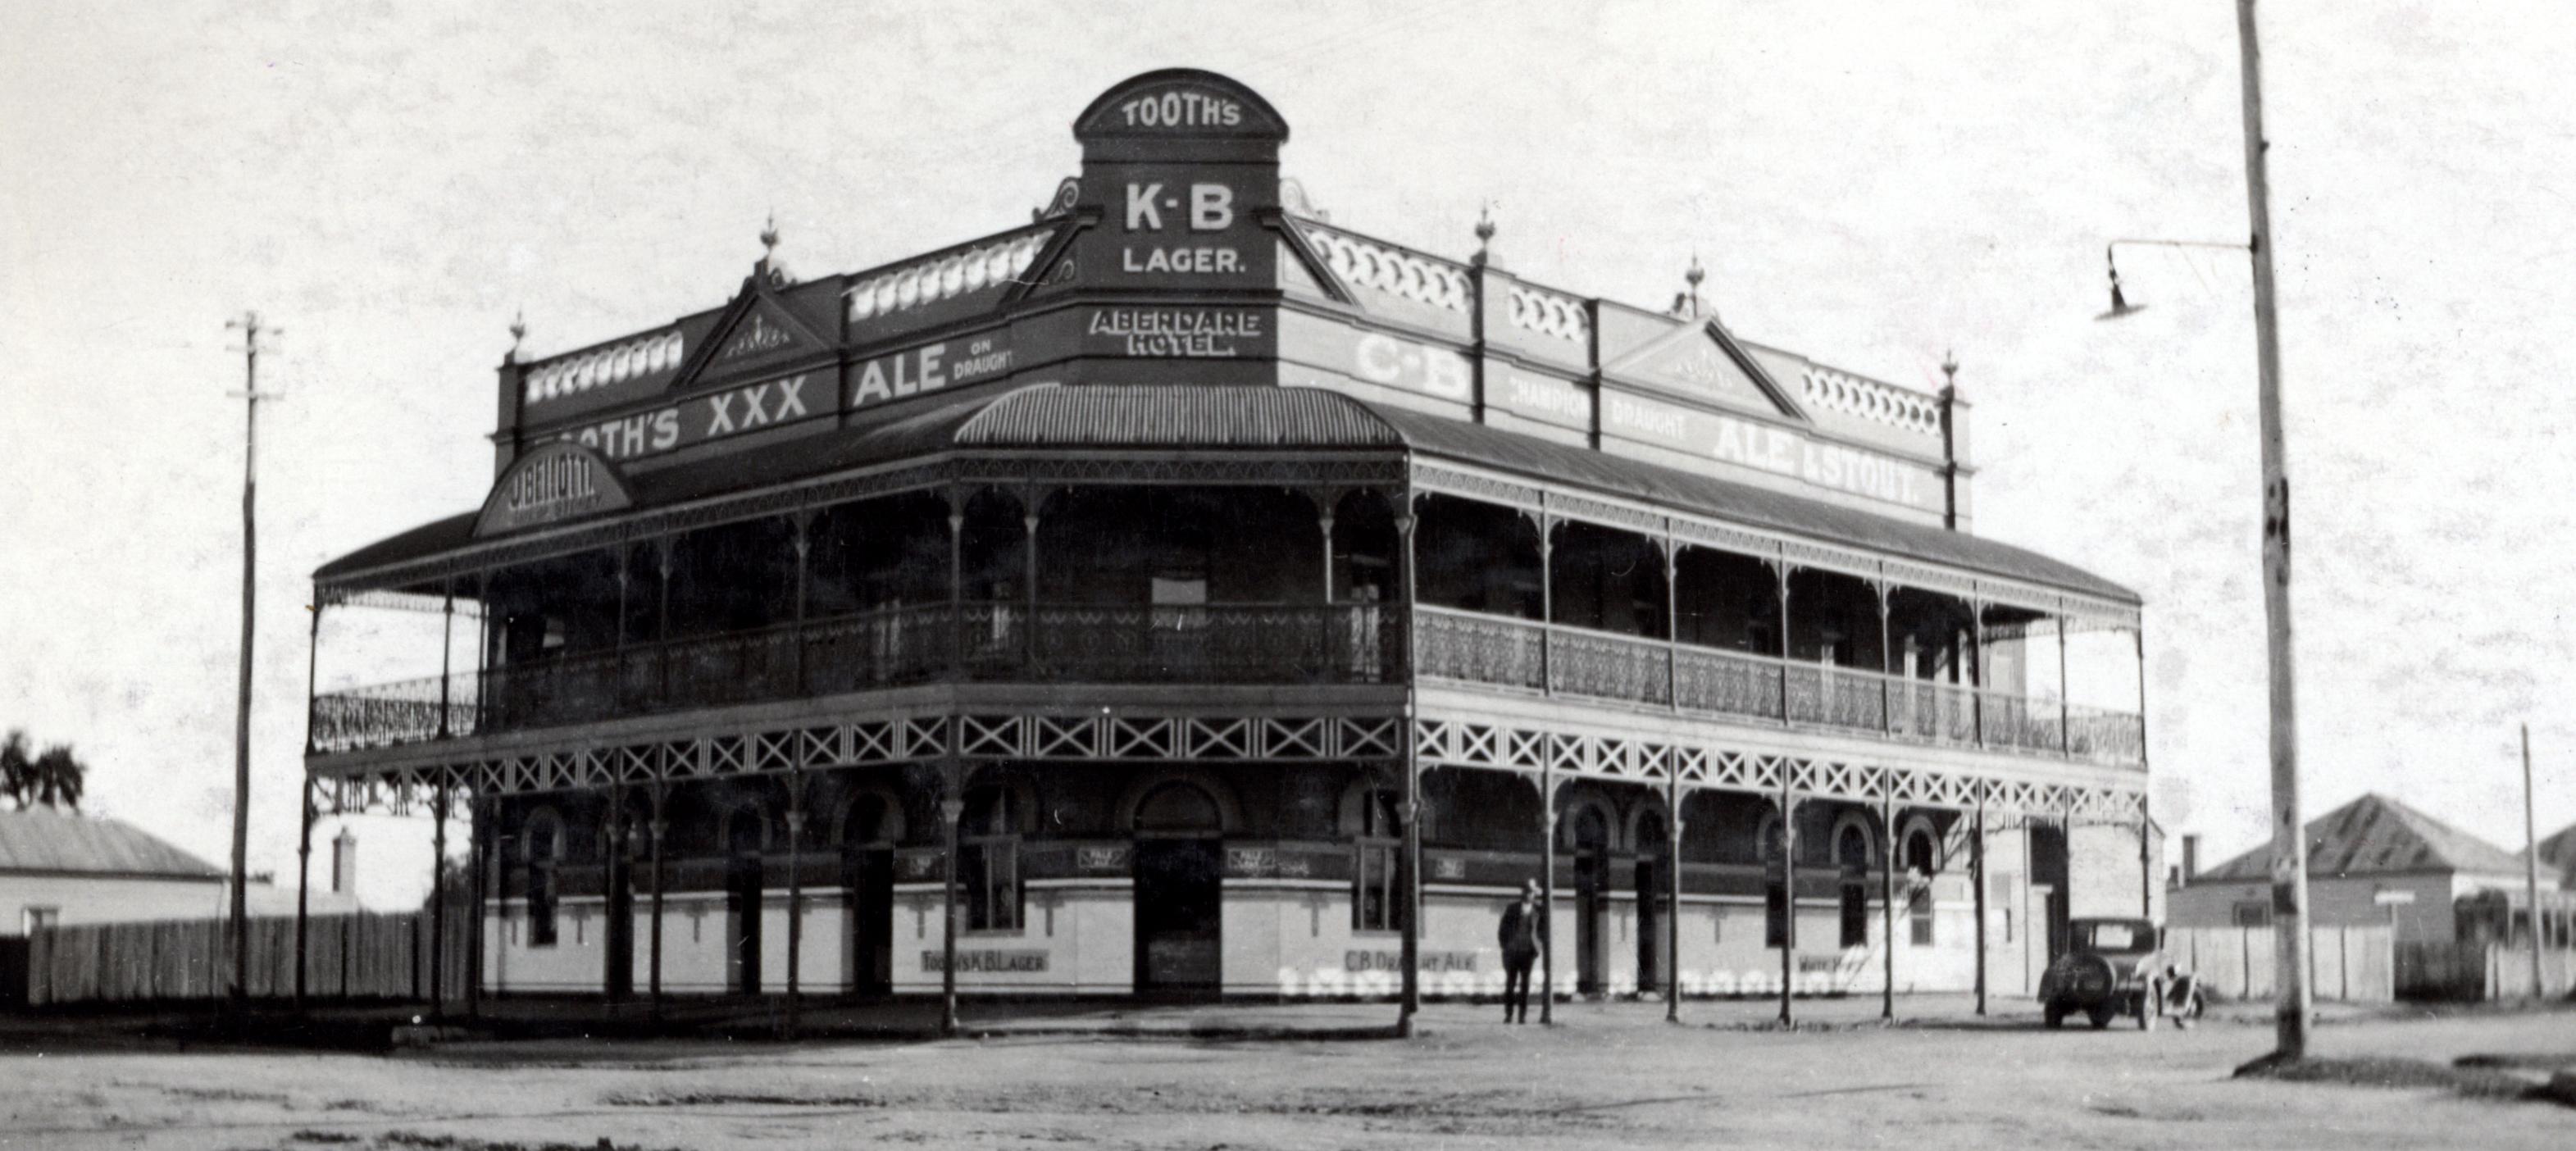 Aberdare Hotel, Weston